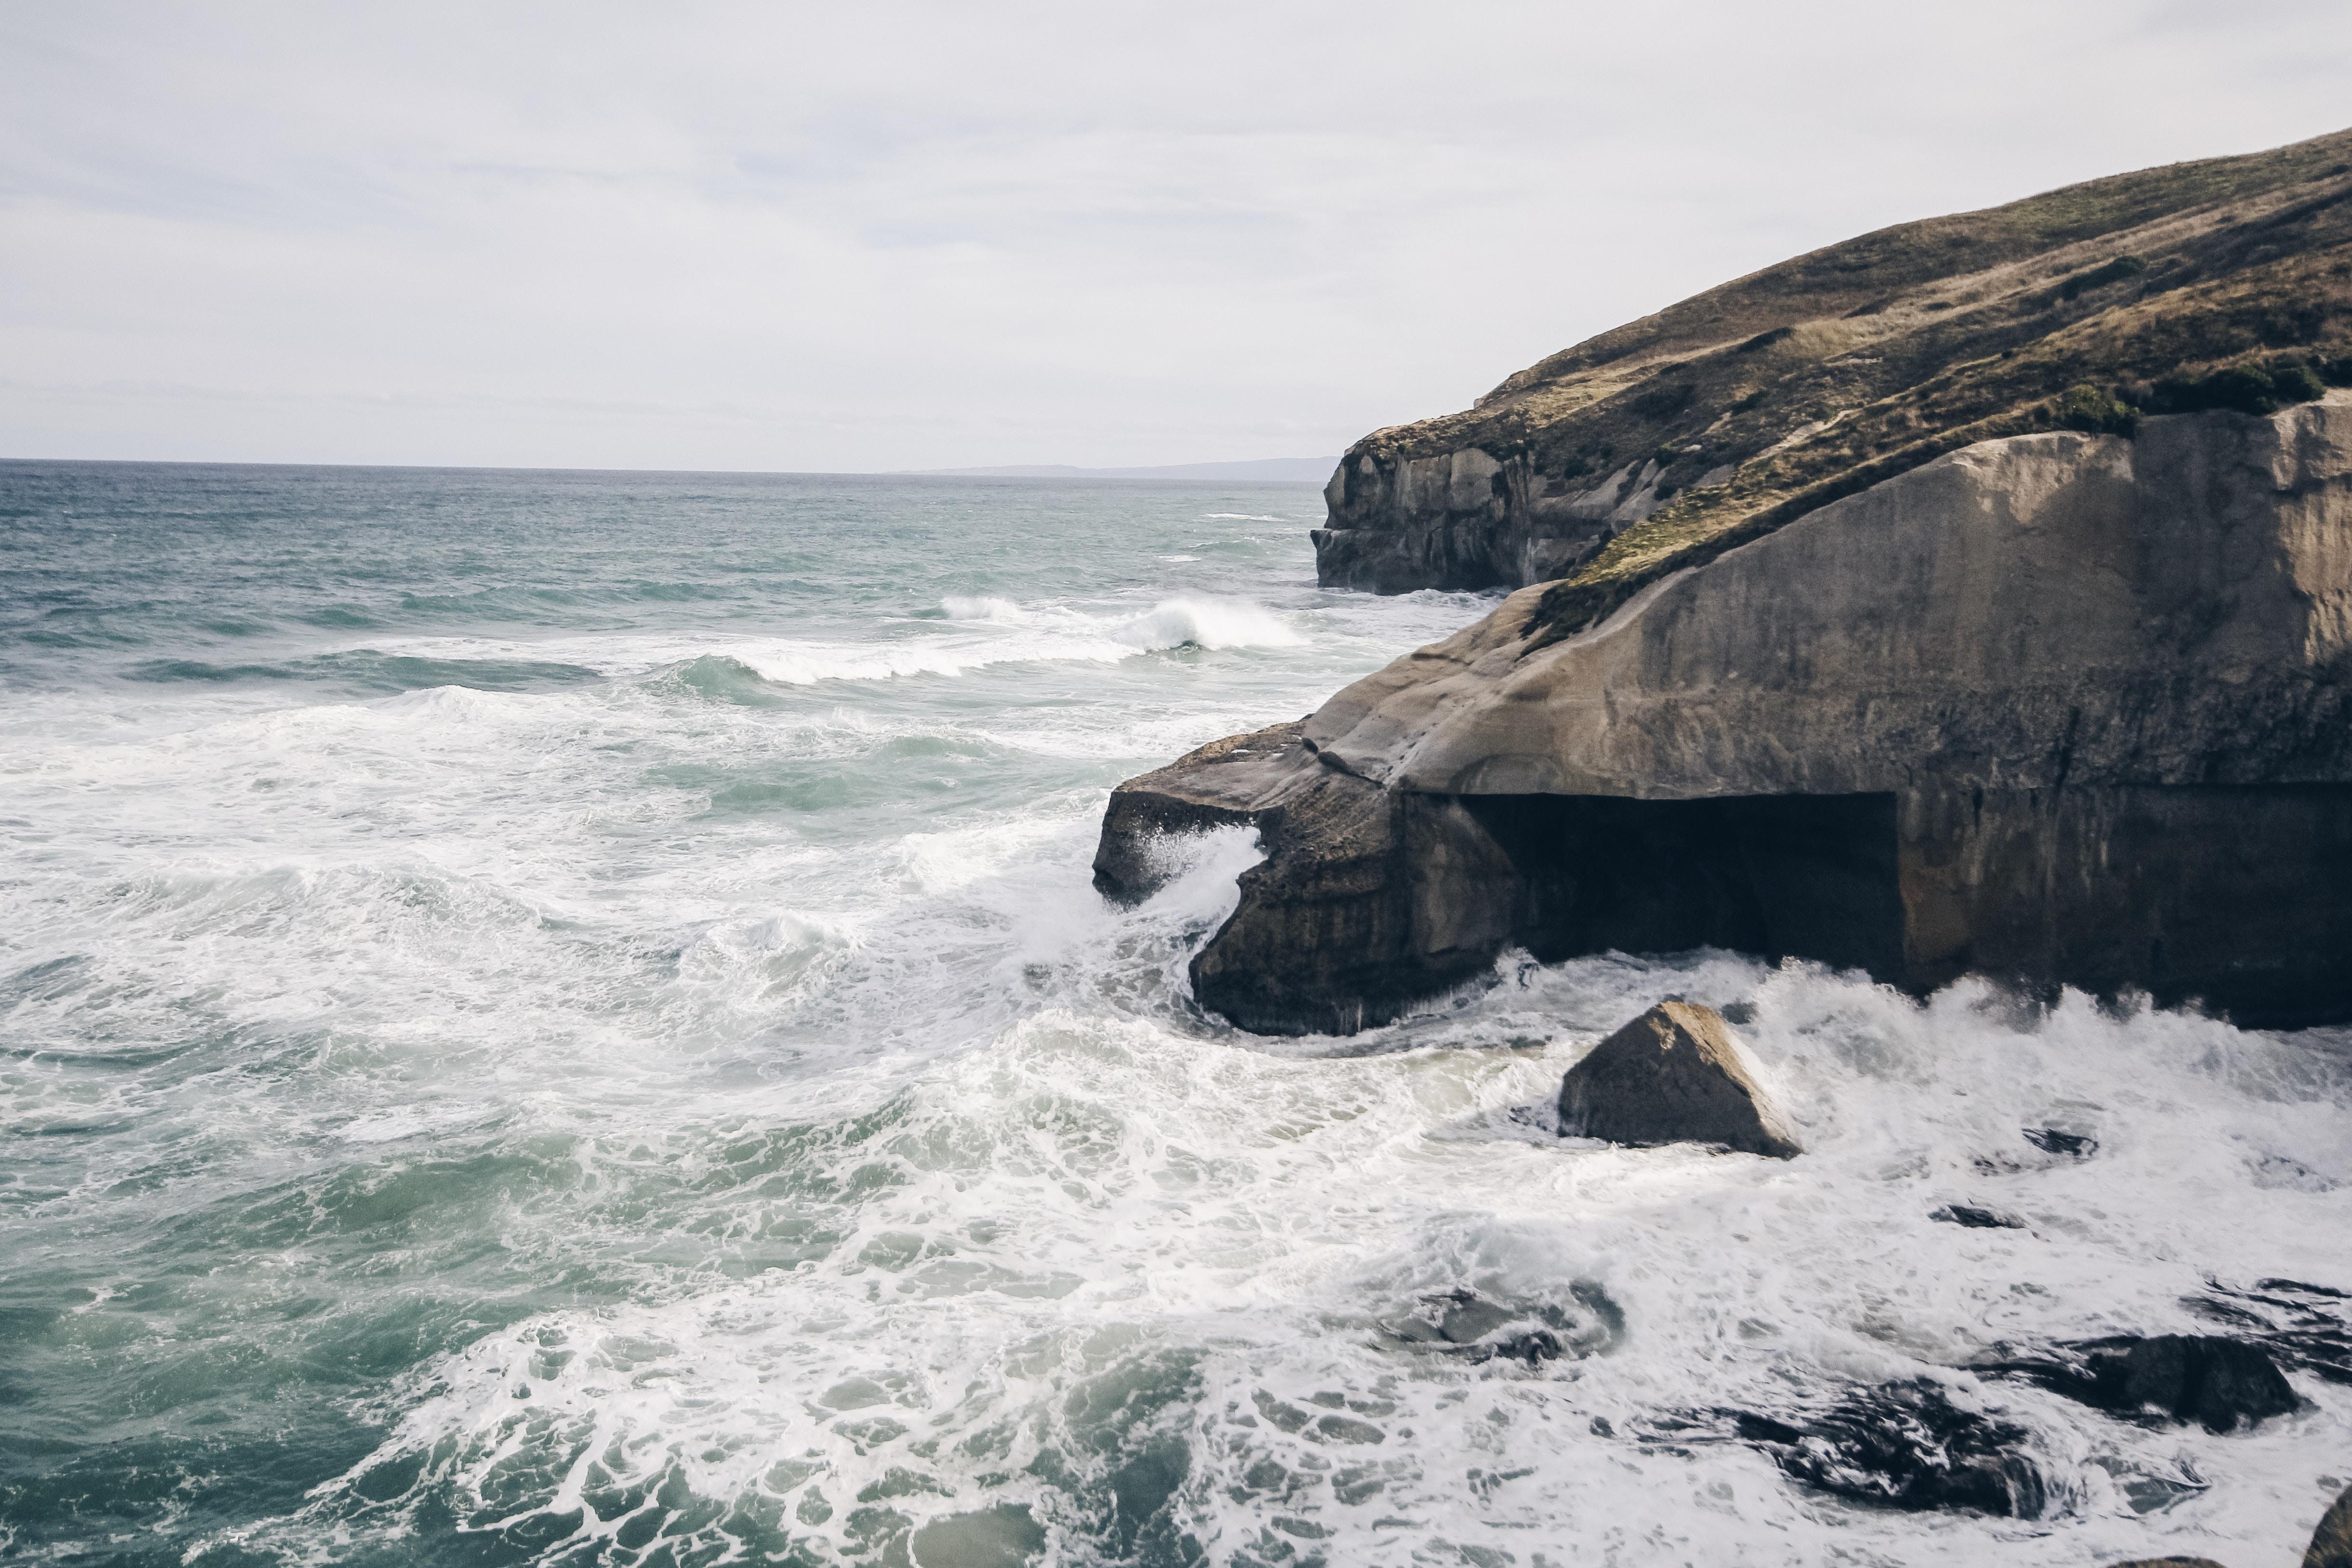 rock cliff beside body of watwer